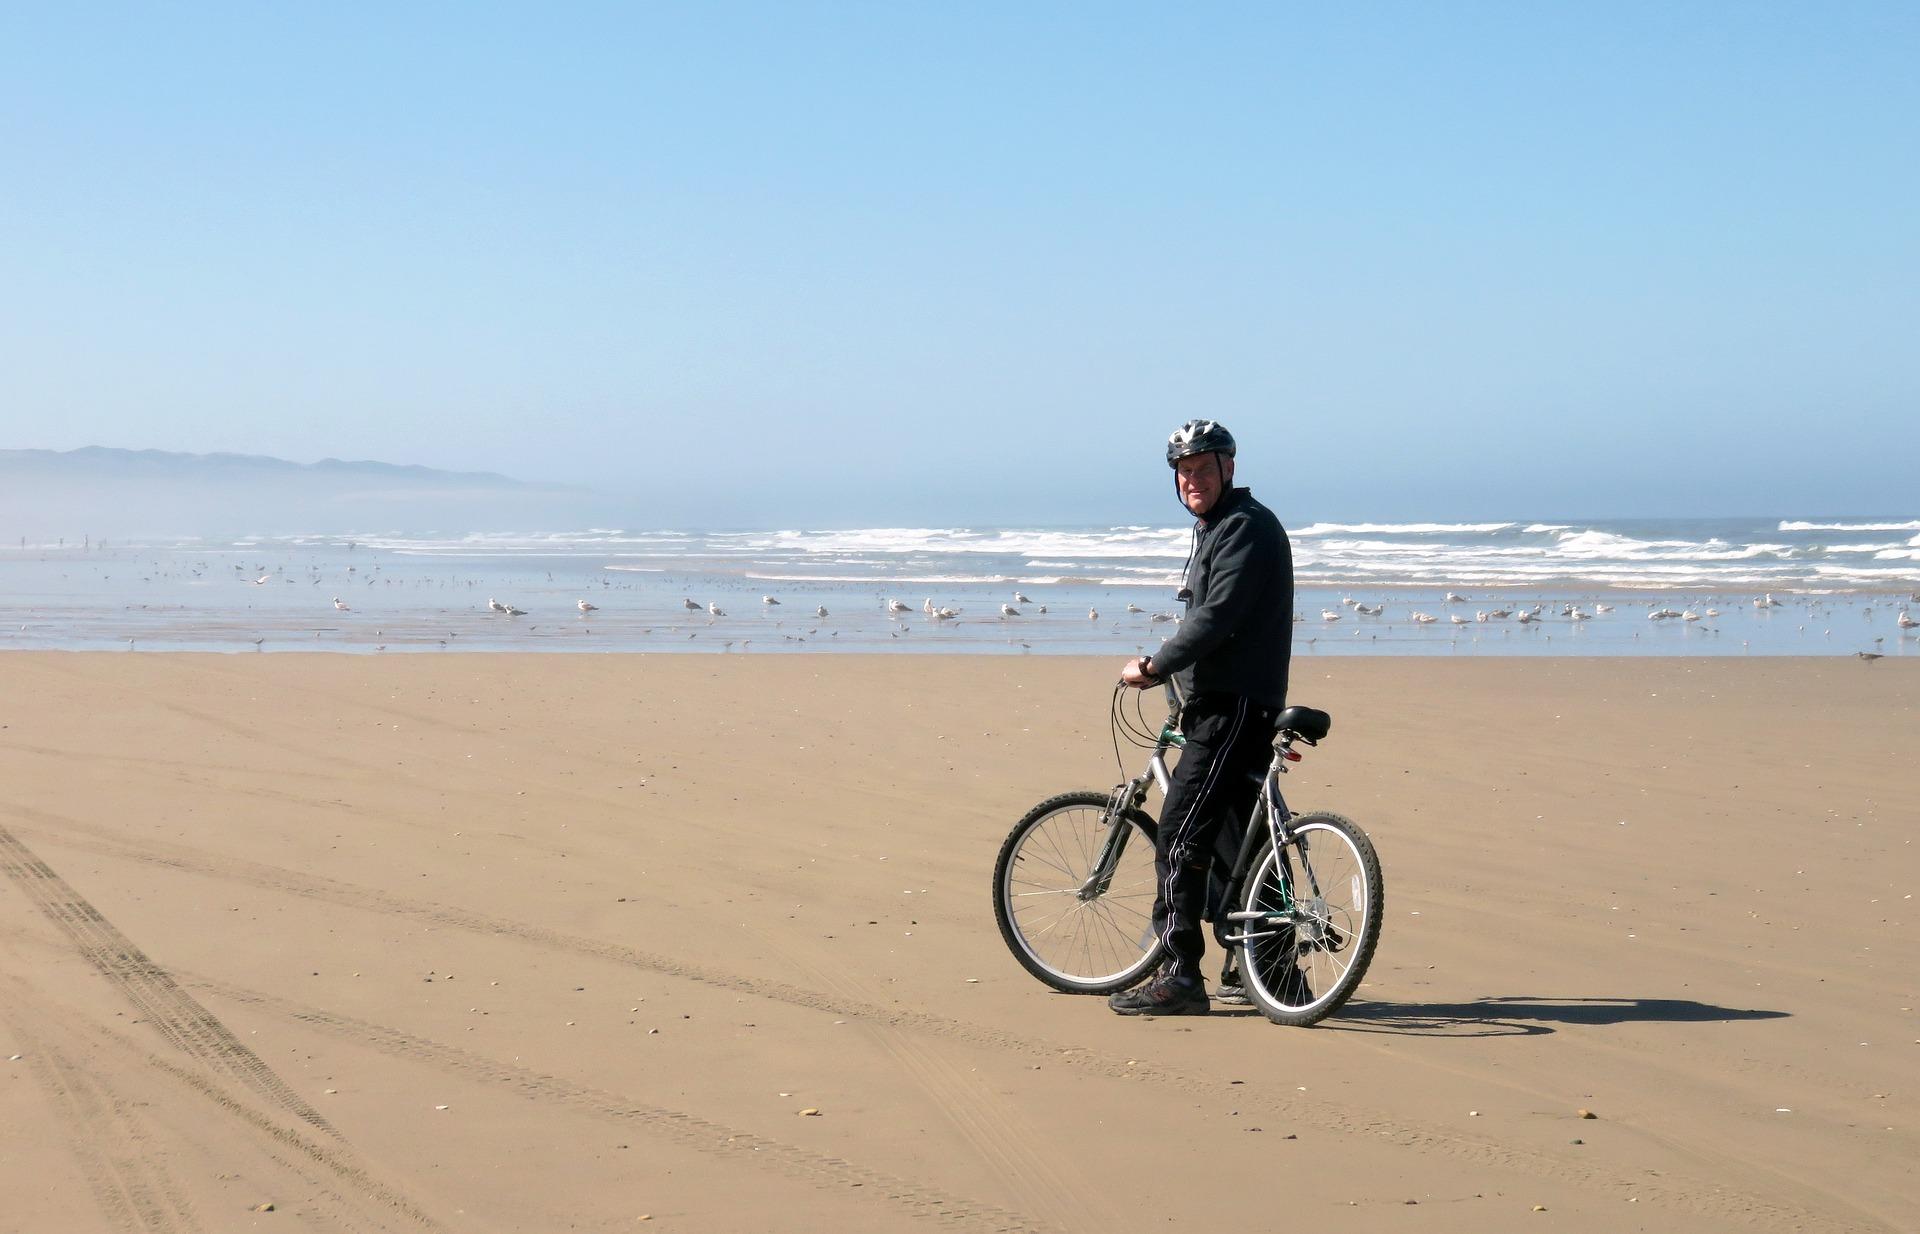 海辺で自転車に乗るシニア男性